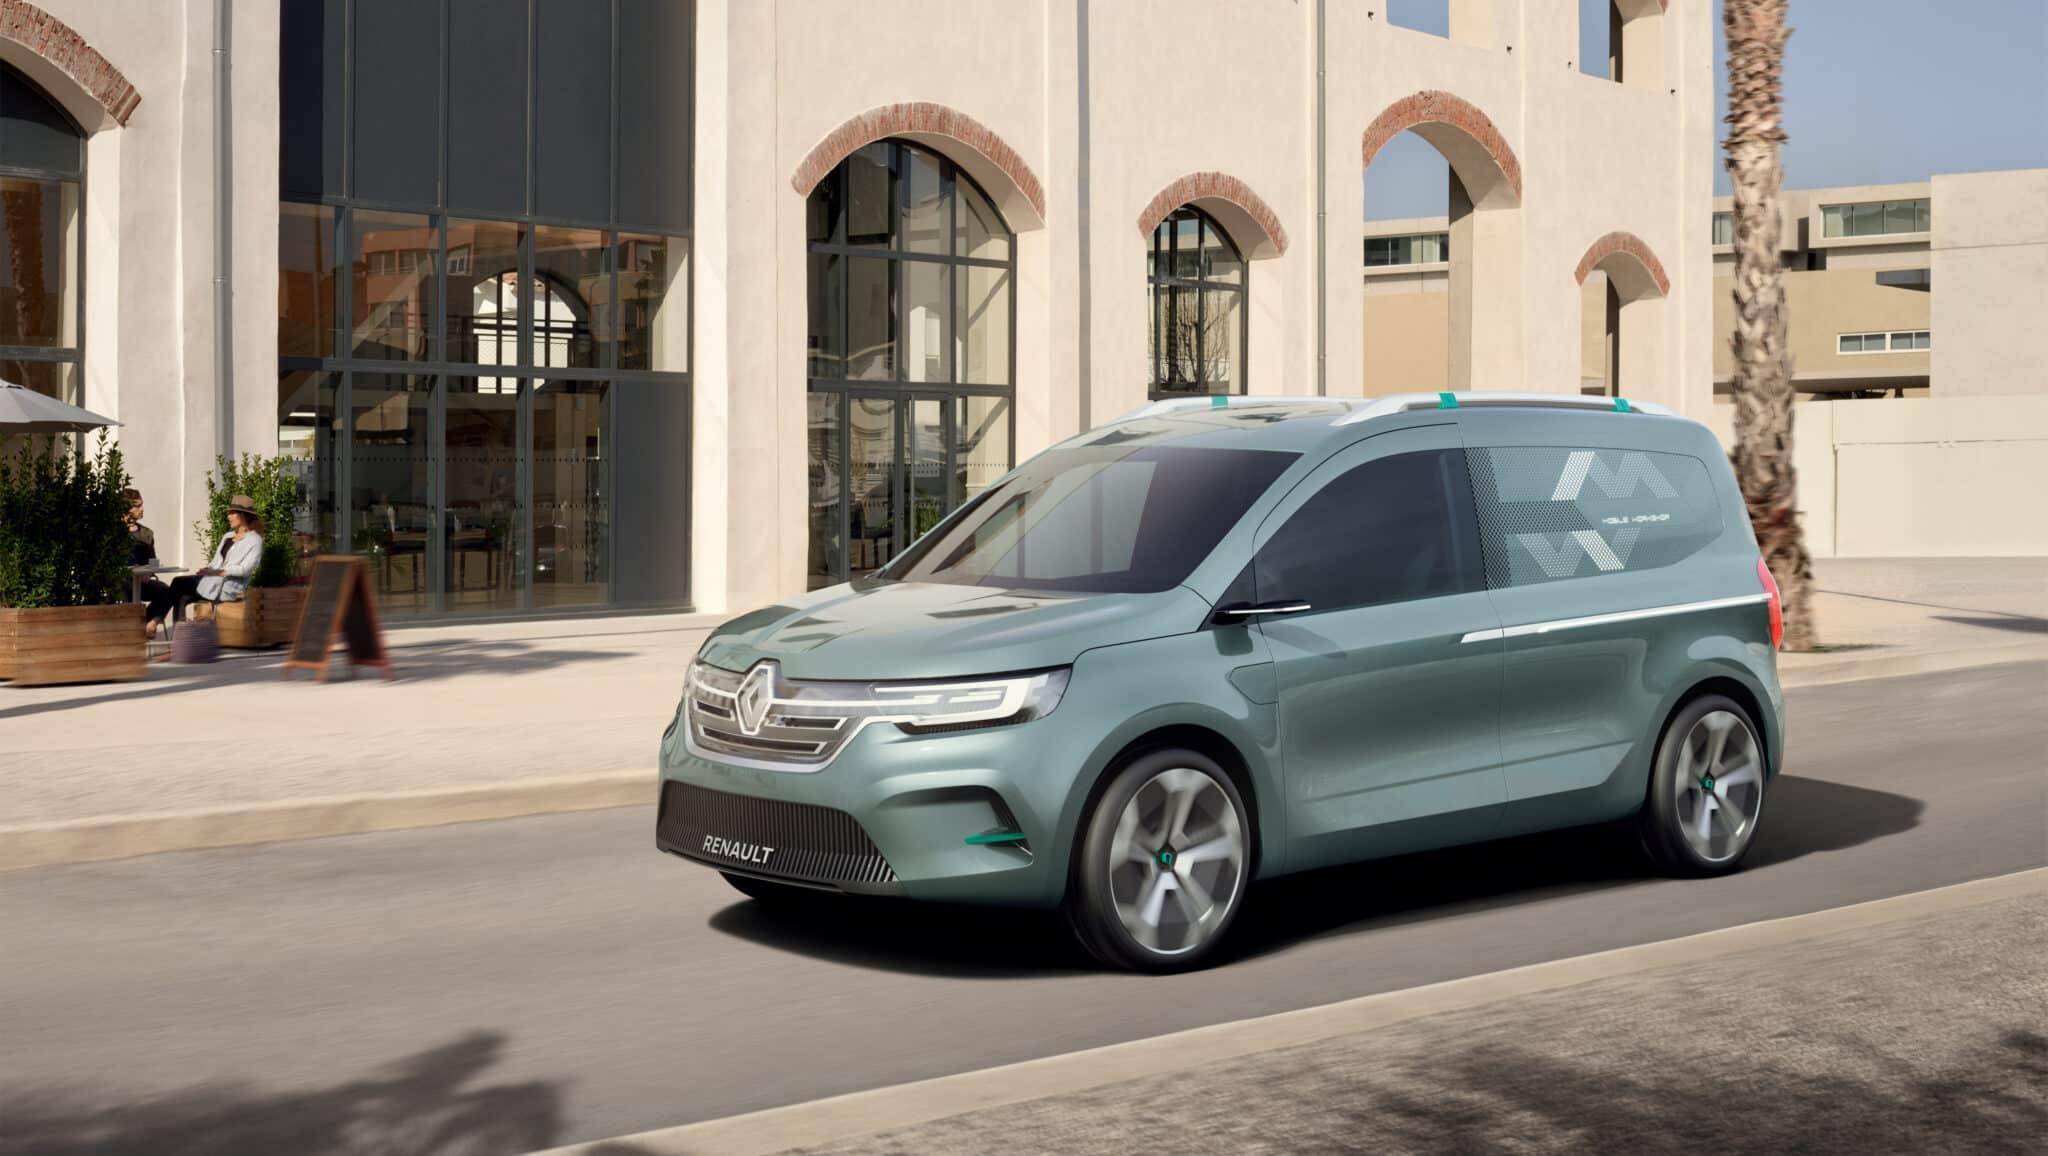 Renault aktualisiert seine Transportpalette » 20663 125440 R DAM 1025888